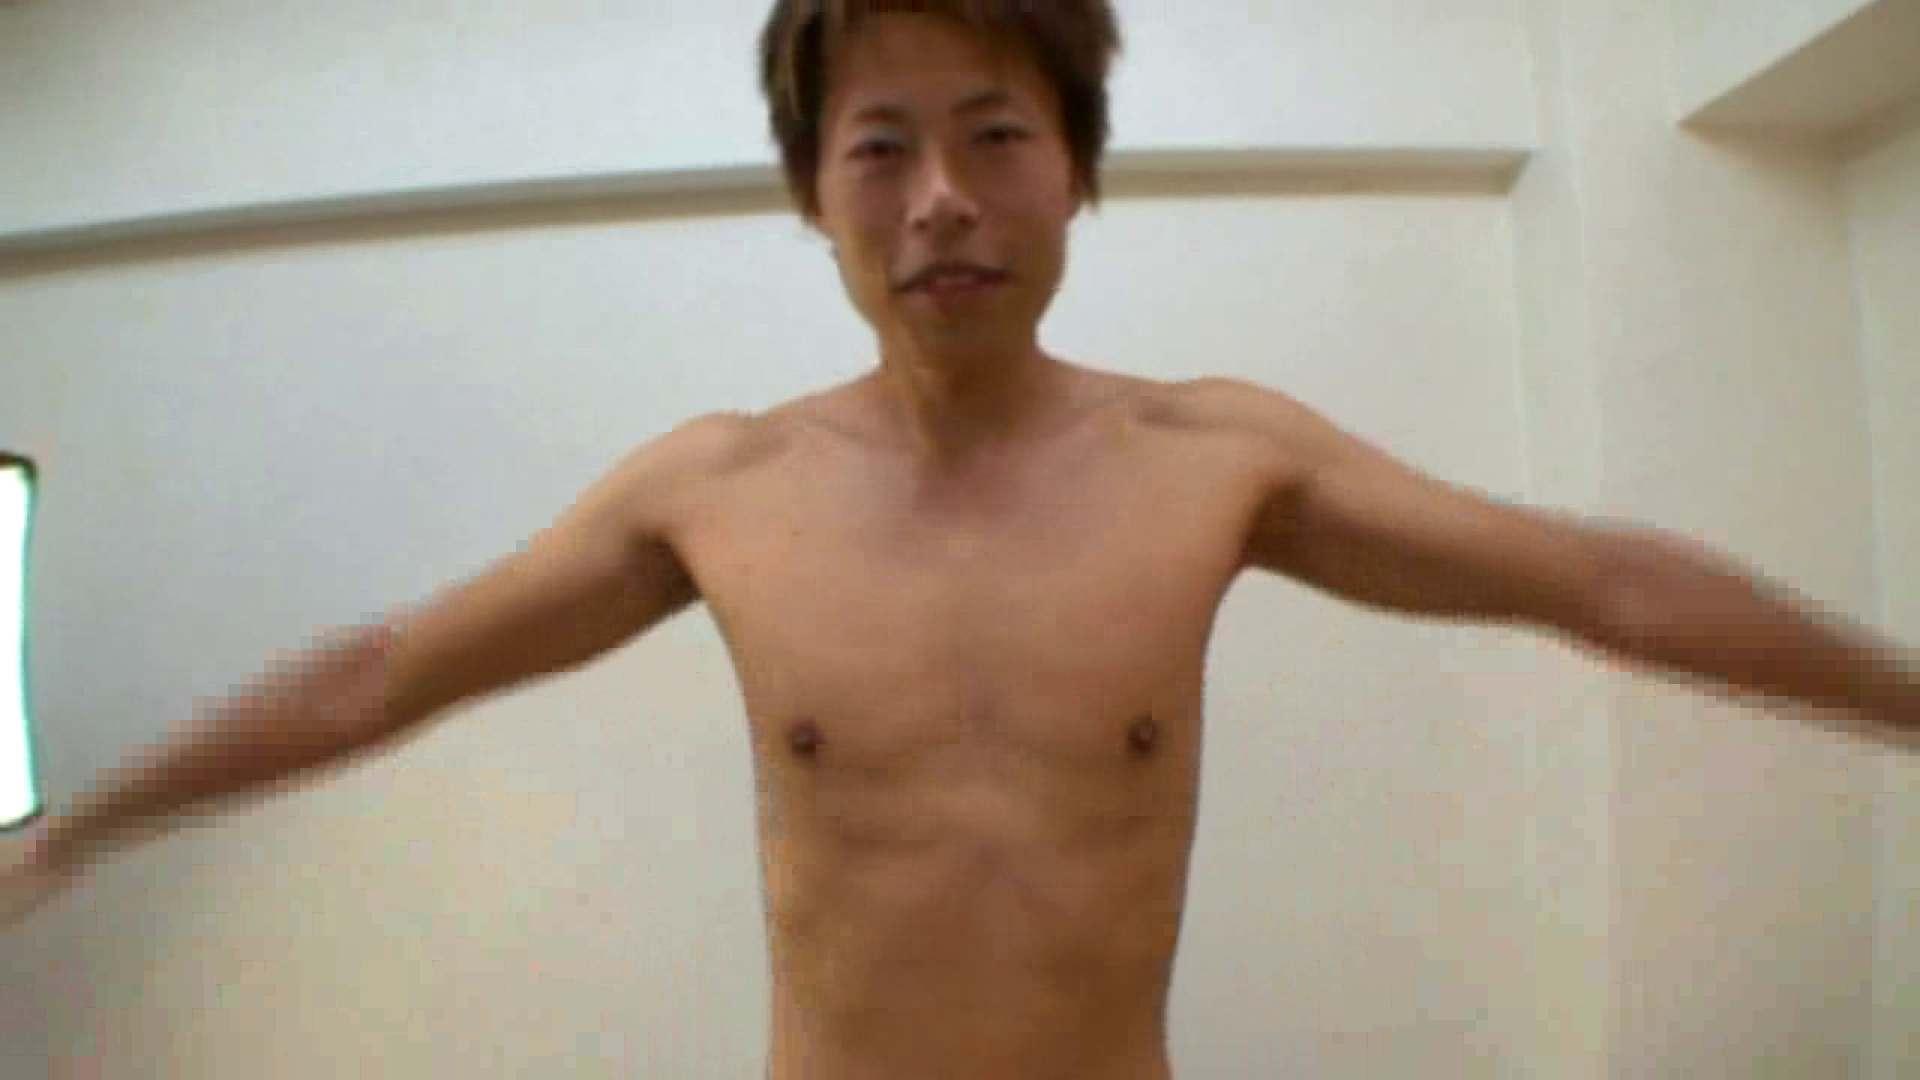 ノンケ!自慰スタジオ No.10 自慰シーン エロビデオ紹介 103枚 97